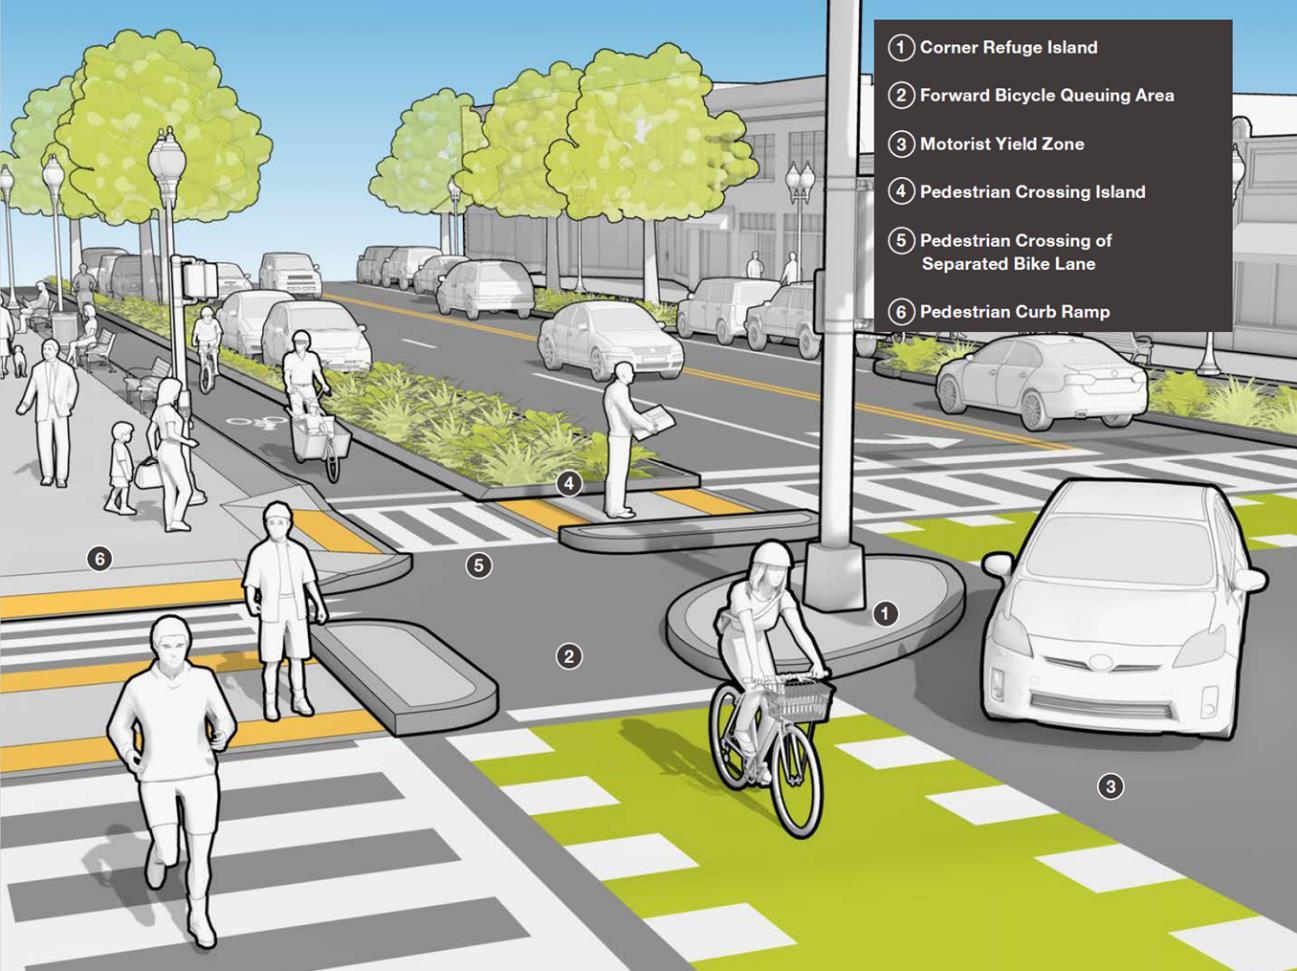 自行車道安全的交叉路口設計案例